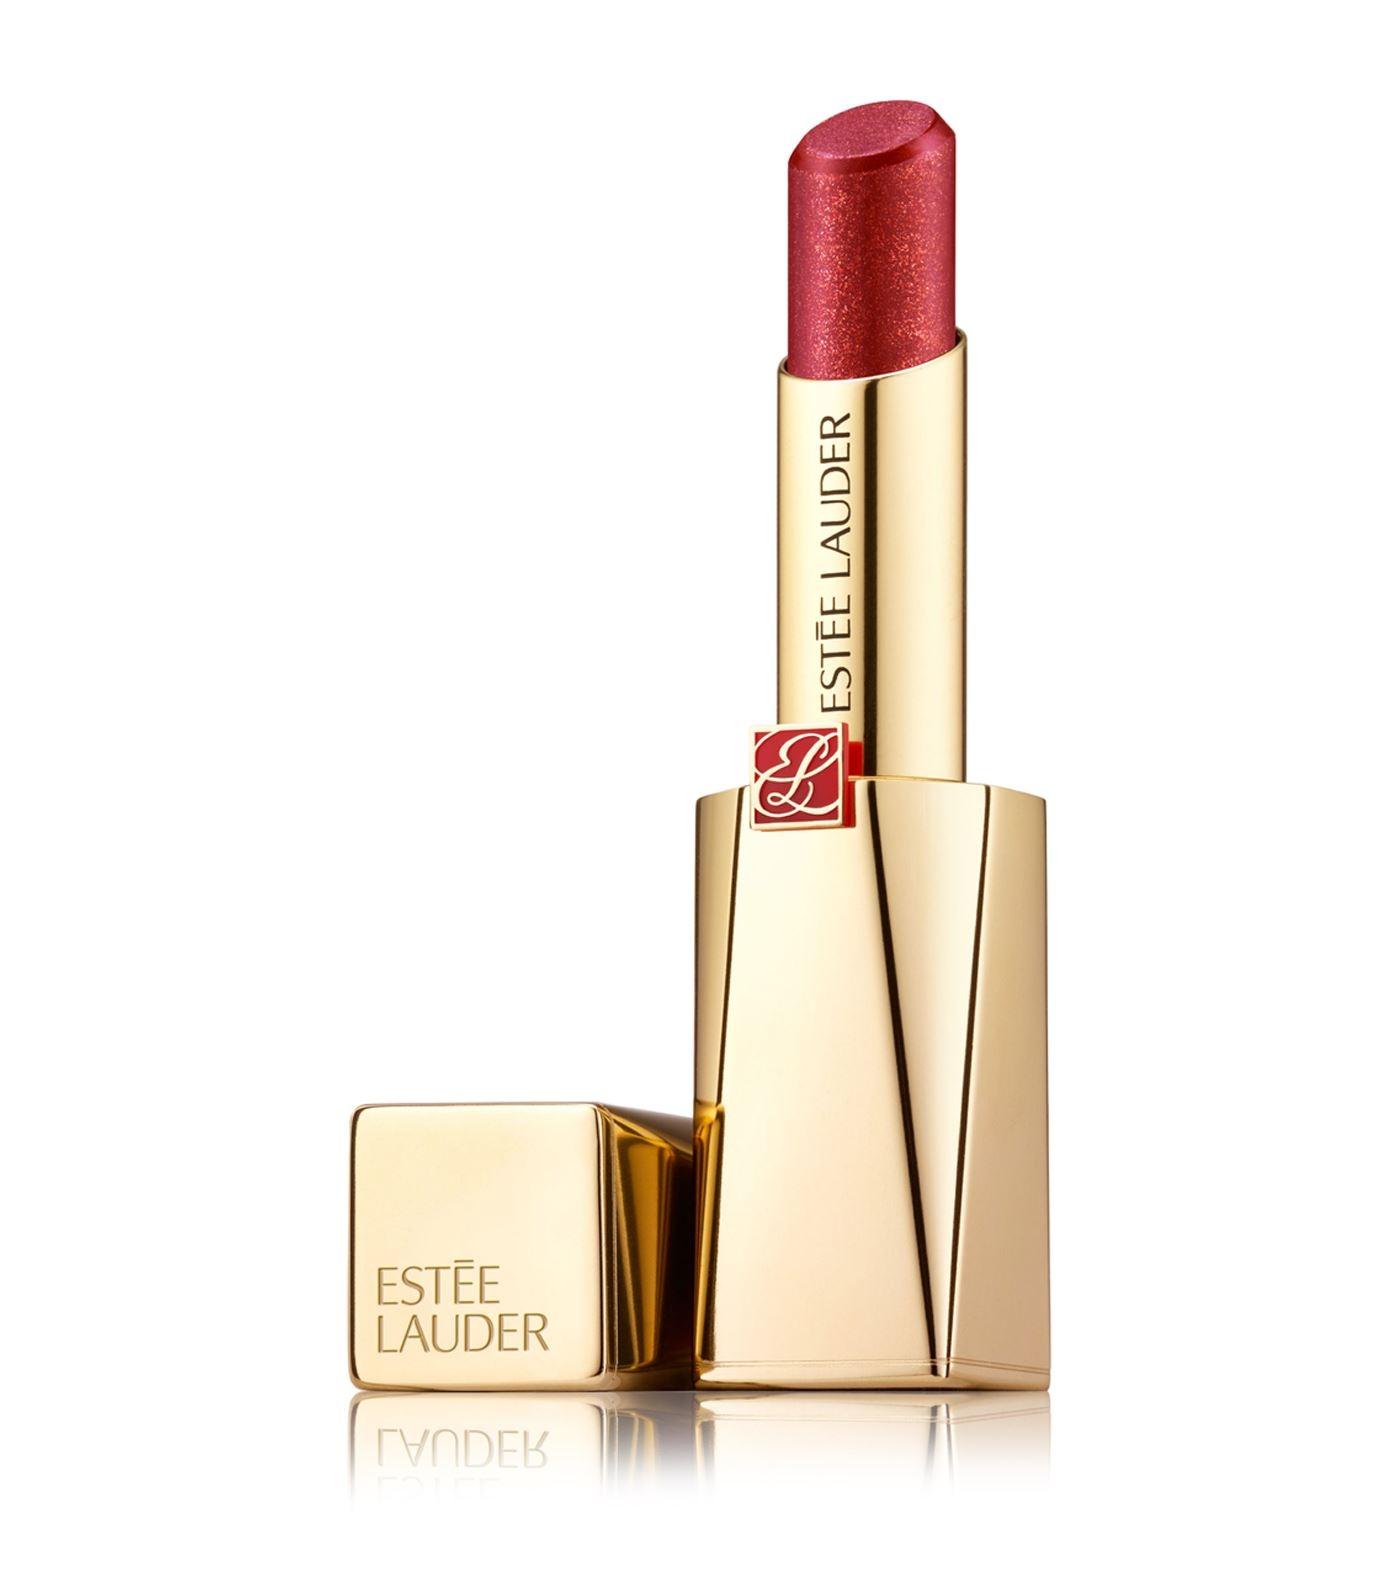 Estée Lauder Pure Color Desire Rouge Excess Lipstick 3.1gr 311 Stagger Chrome